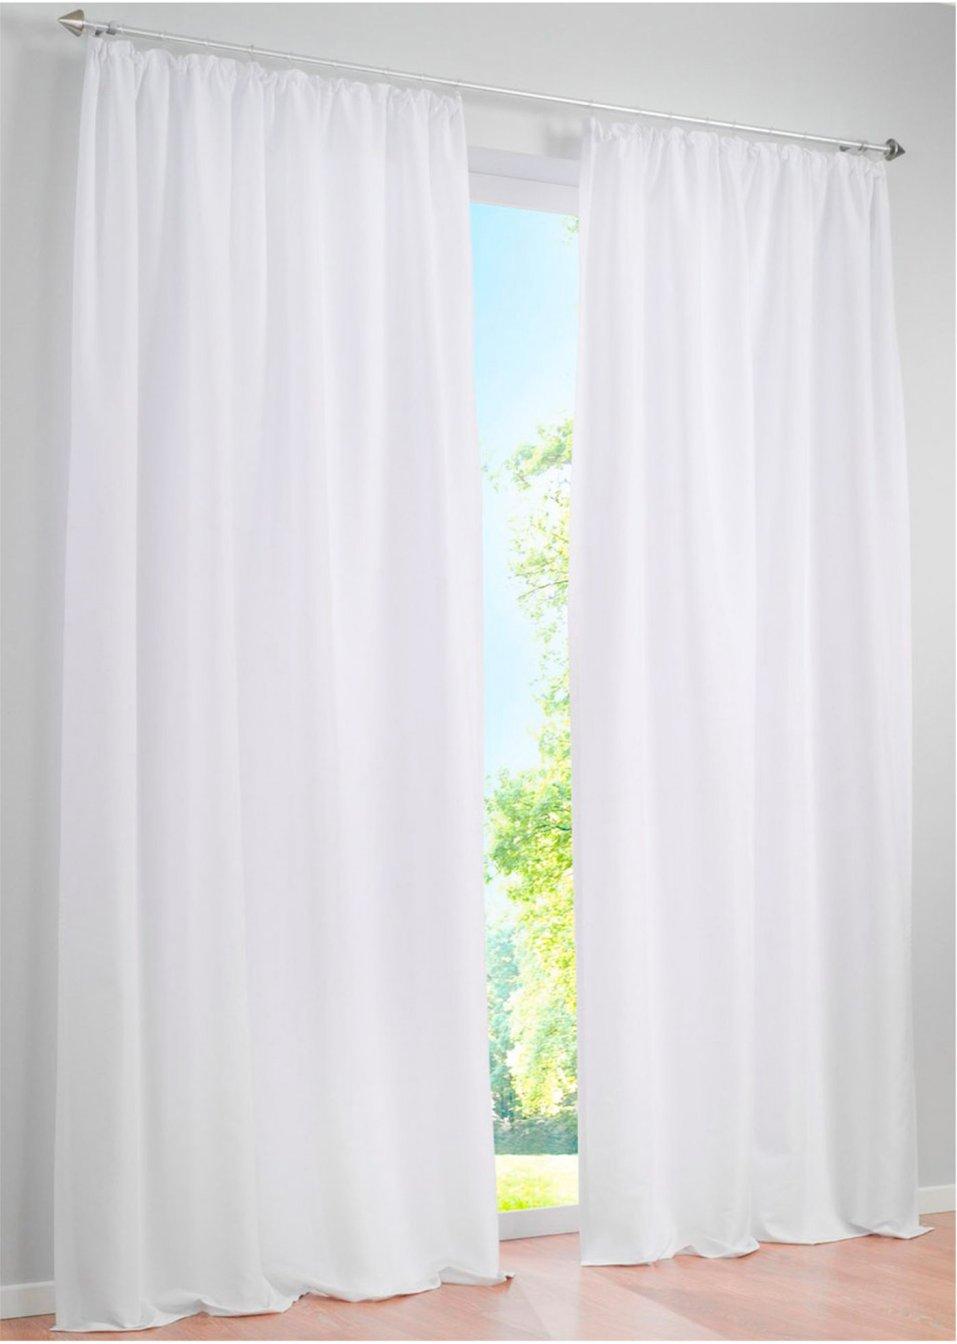 einfach sch n unifarbener vorhang zur dezenten gestaltung ihres wohnraums reinweiss. Black Bedroom Furniture Sets. Home Design Ideas